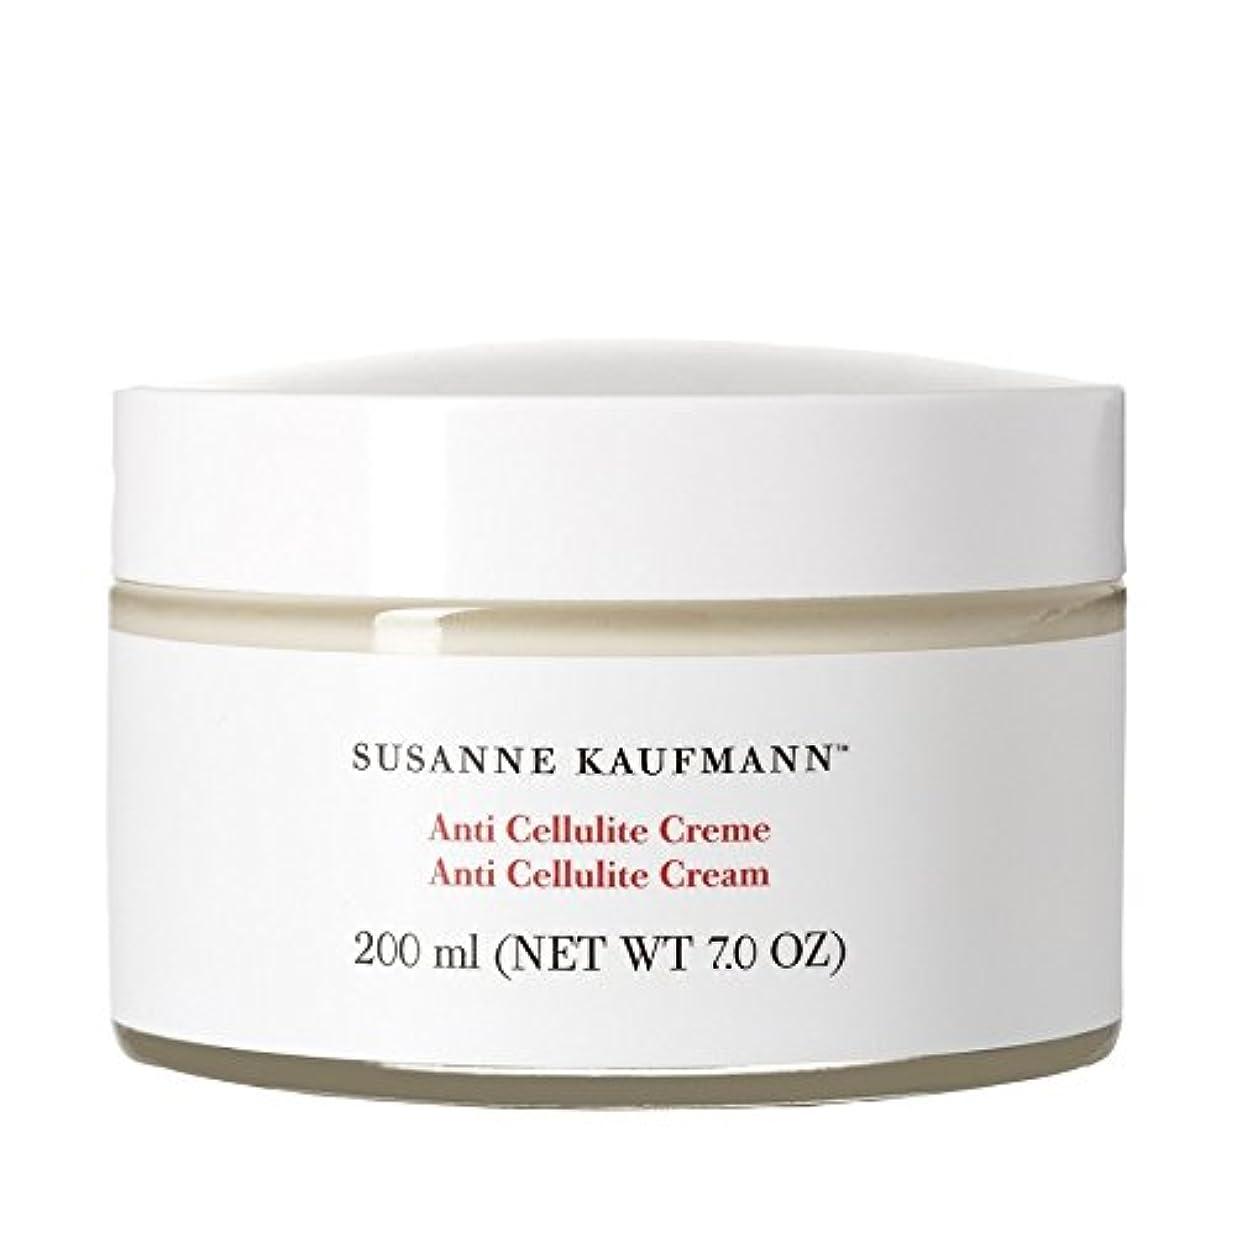 航空会社検体鎮痛剤スザンヌカウフマン抗セルライトクリーム200ミリリットル x2 - Susanne Kaufmann Anti Cellulite Cream 200ml (Pack of 2) [並行輸入品]